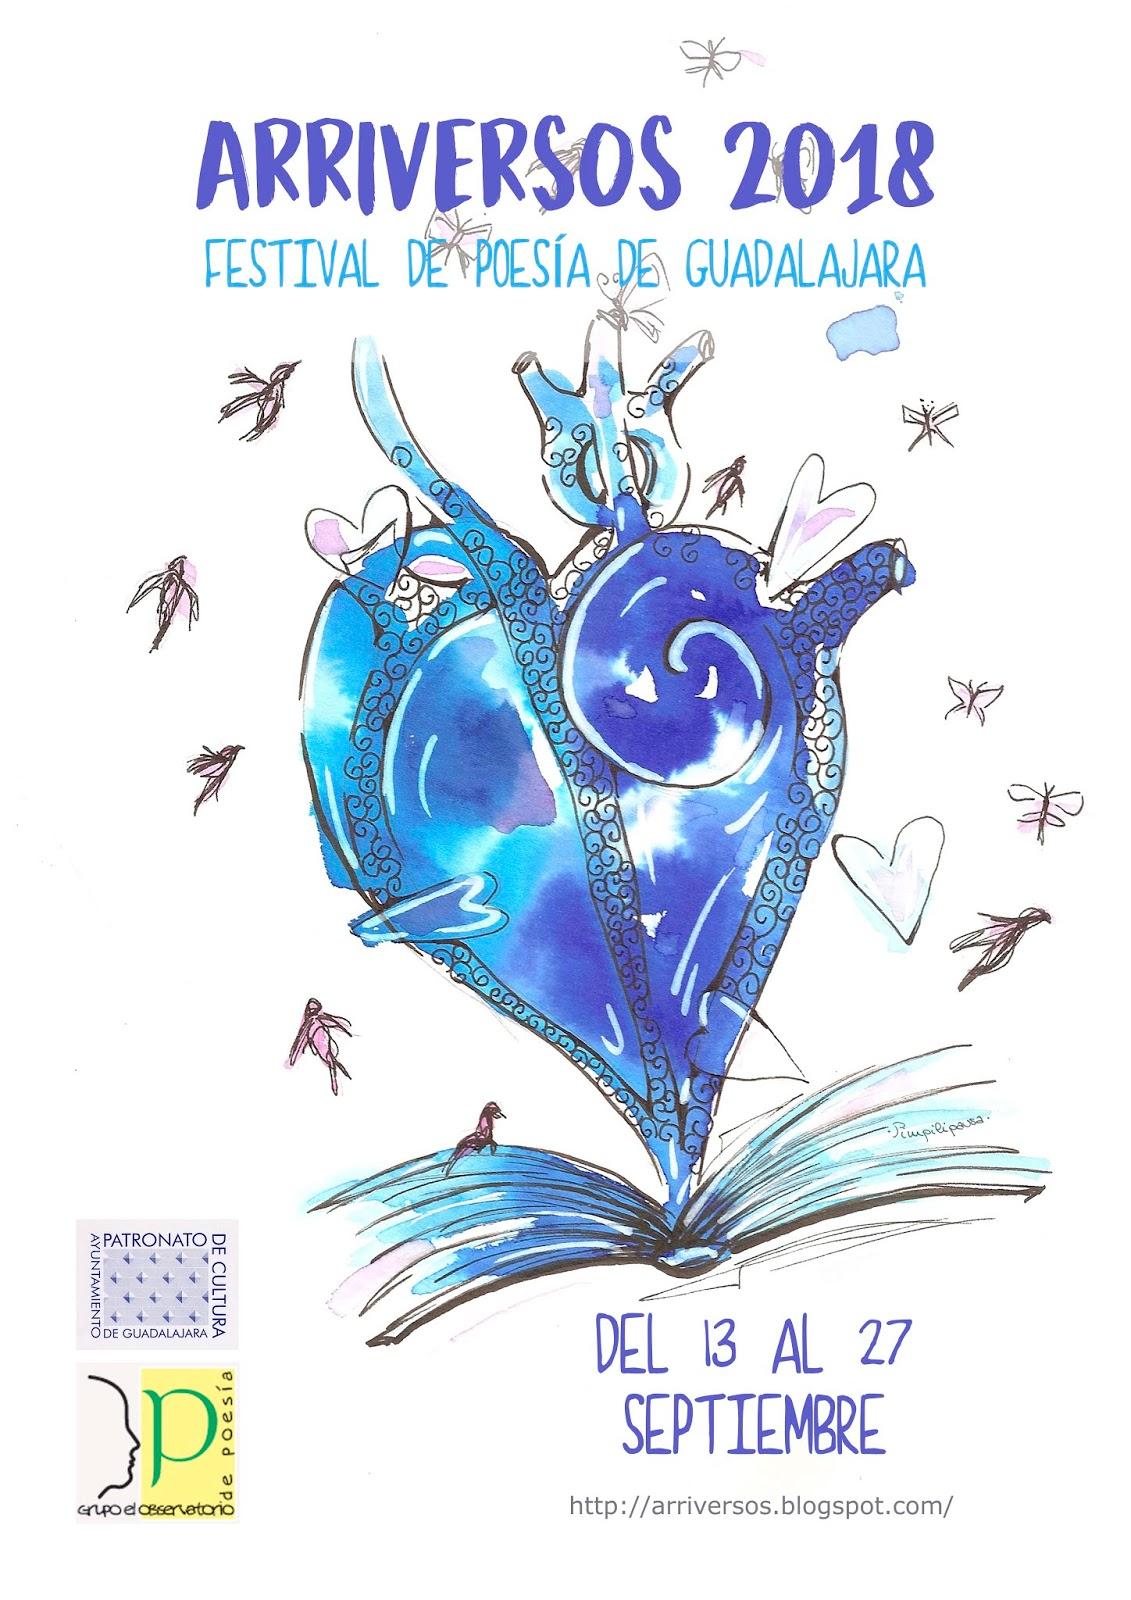 Festival de Poesía de Guadalajara Arriversos 2018